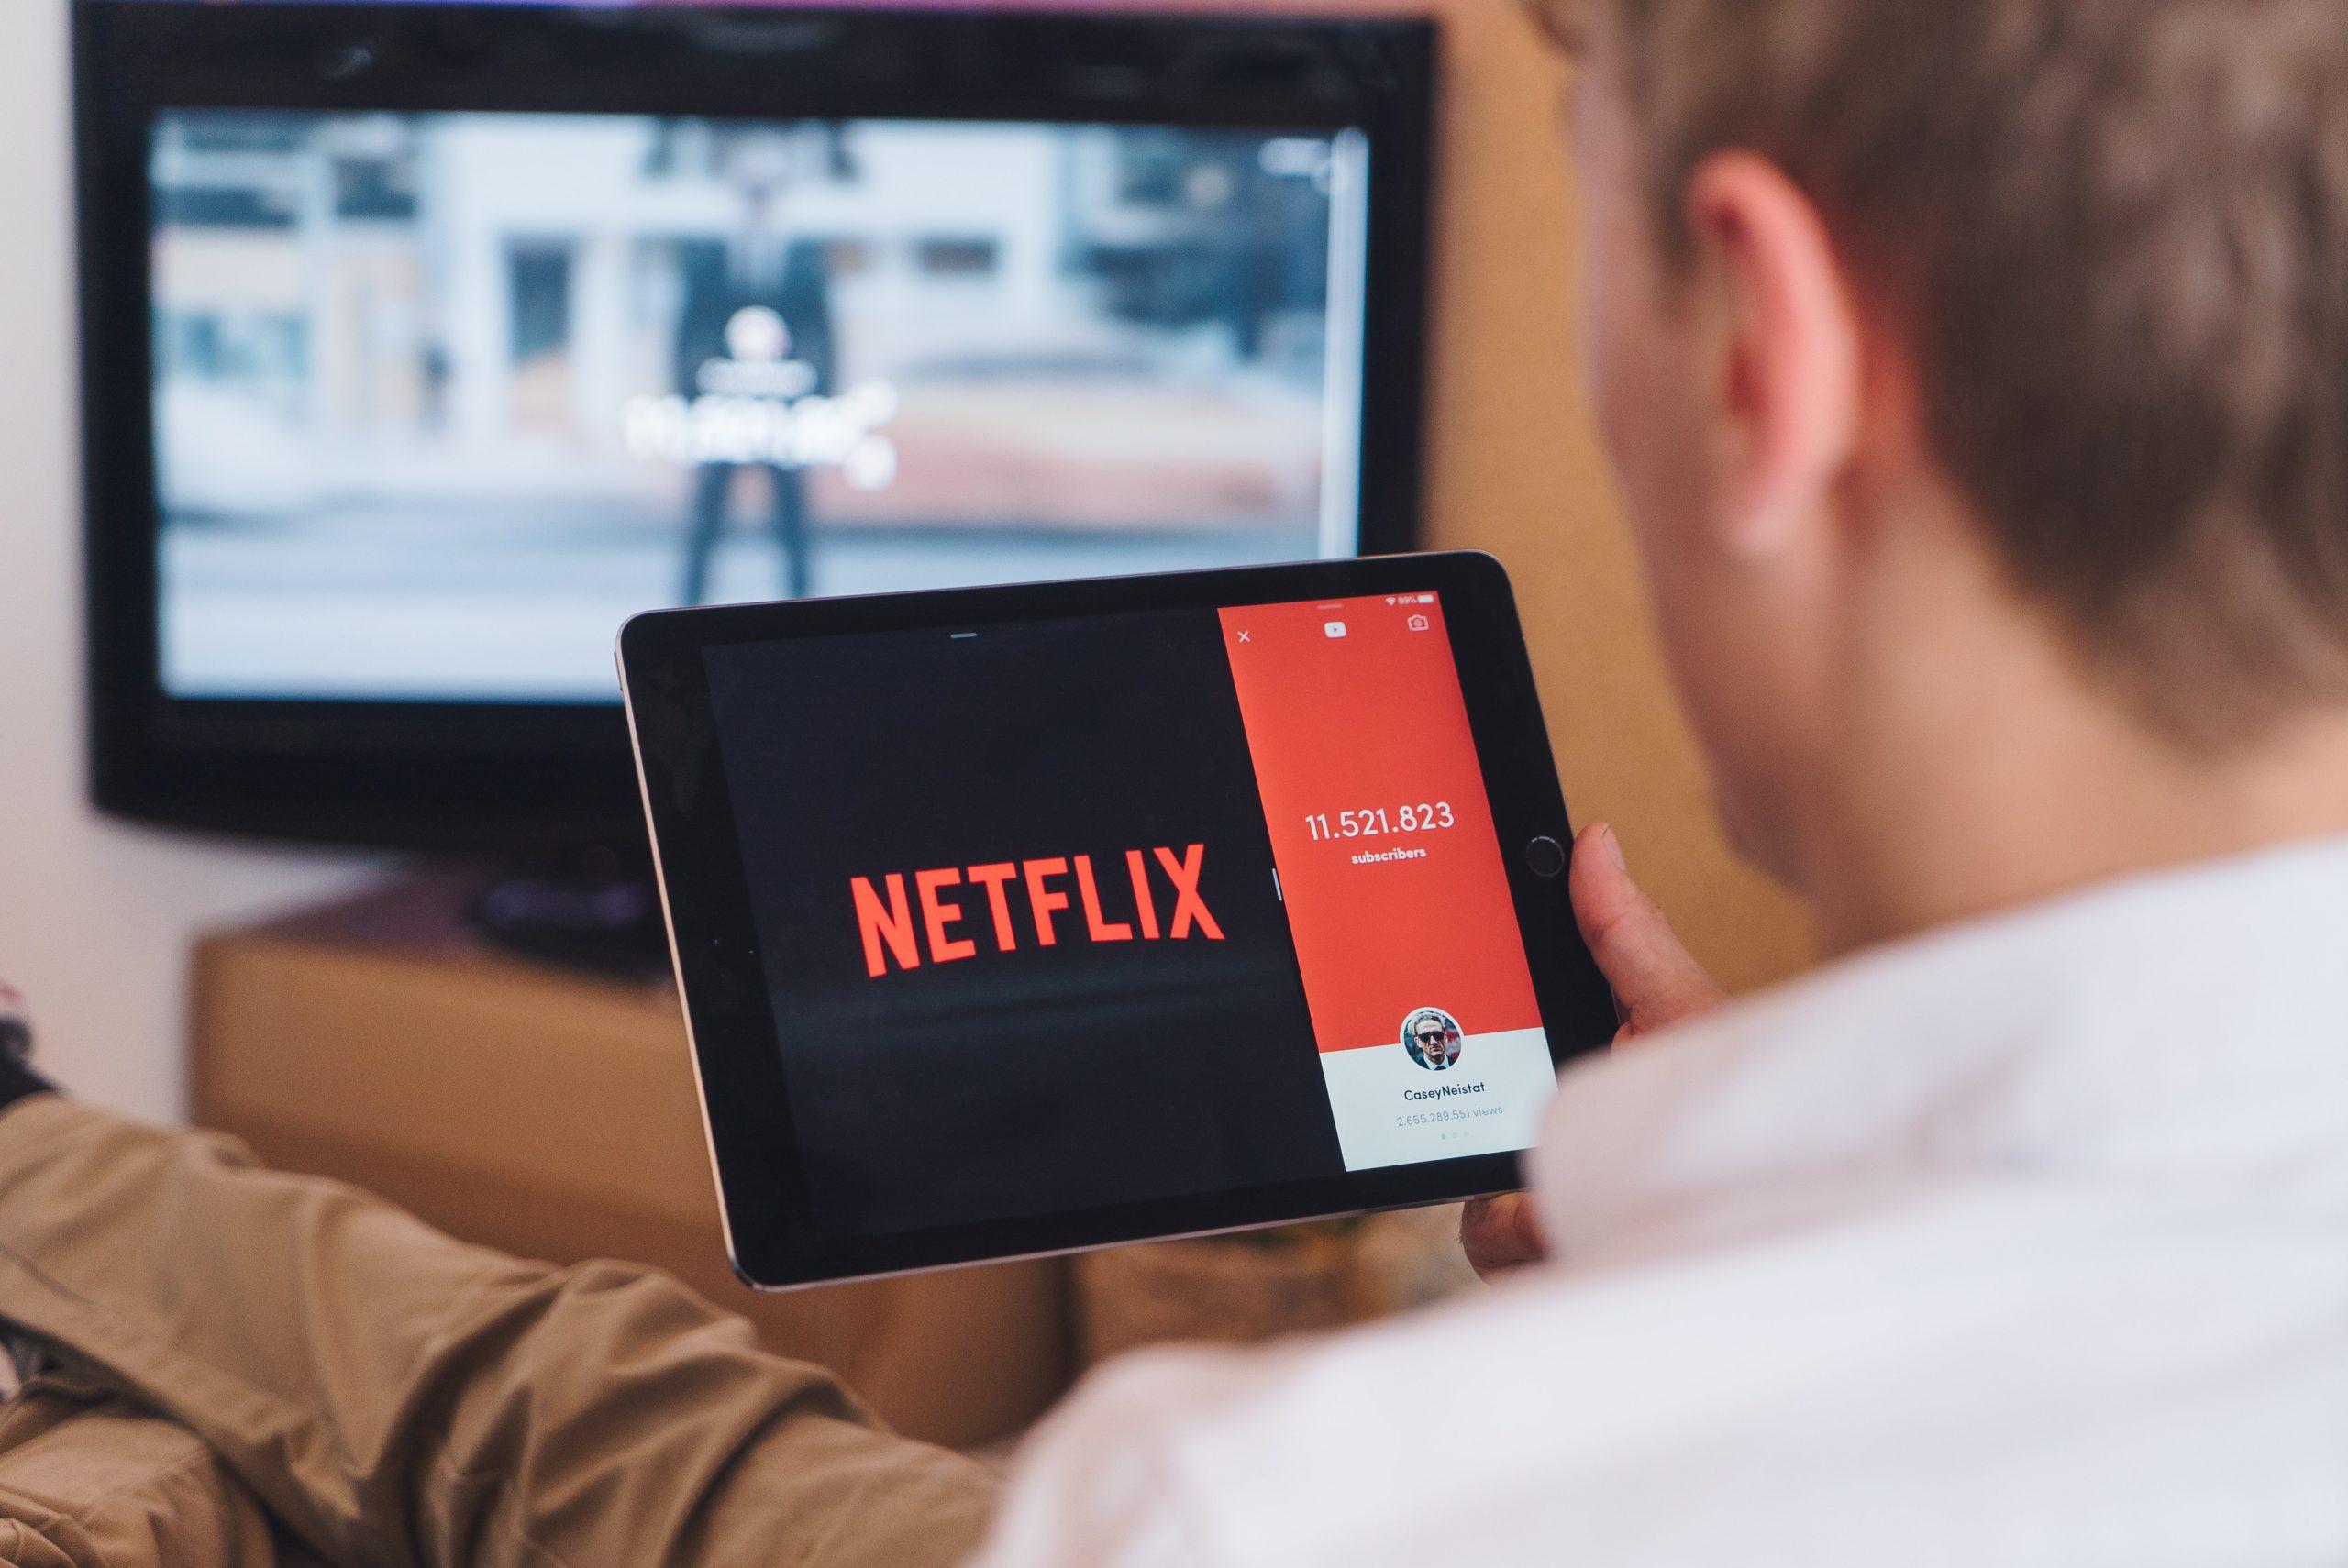 Persona viendo netflix en tablet